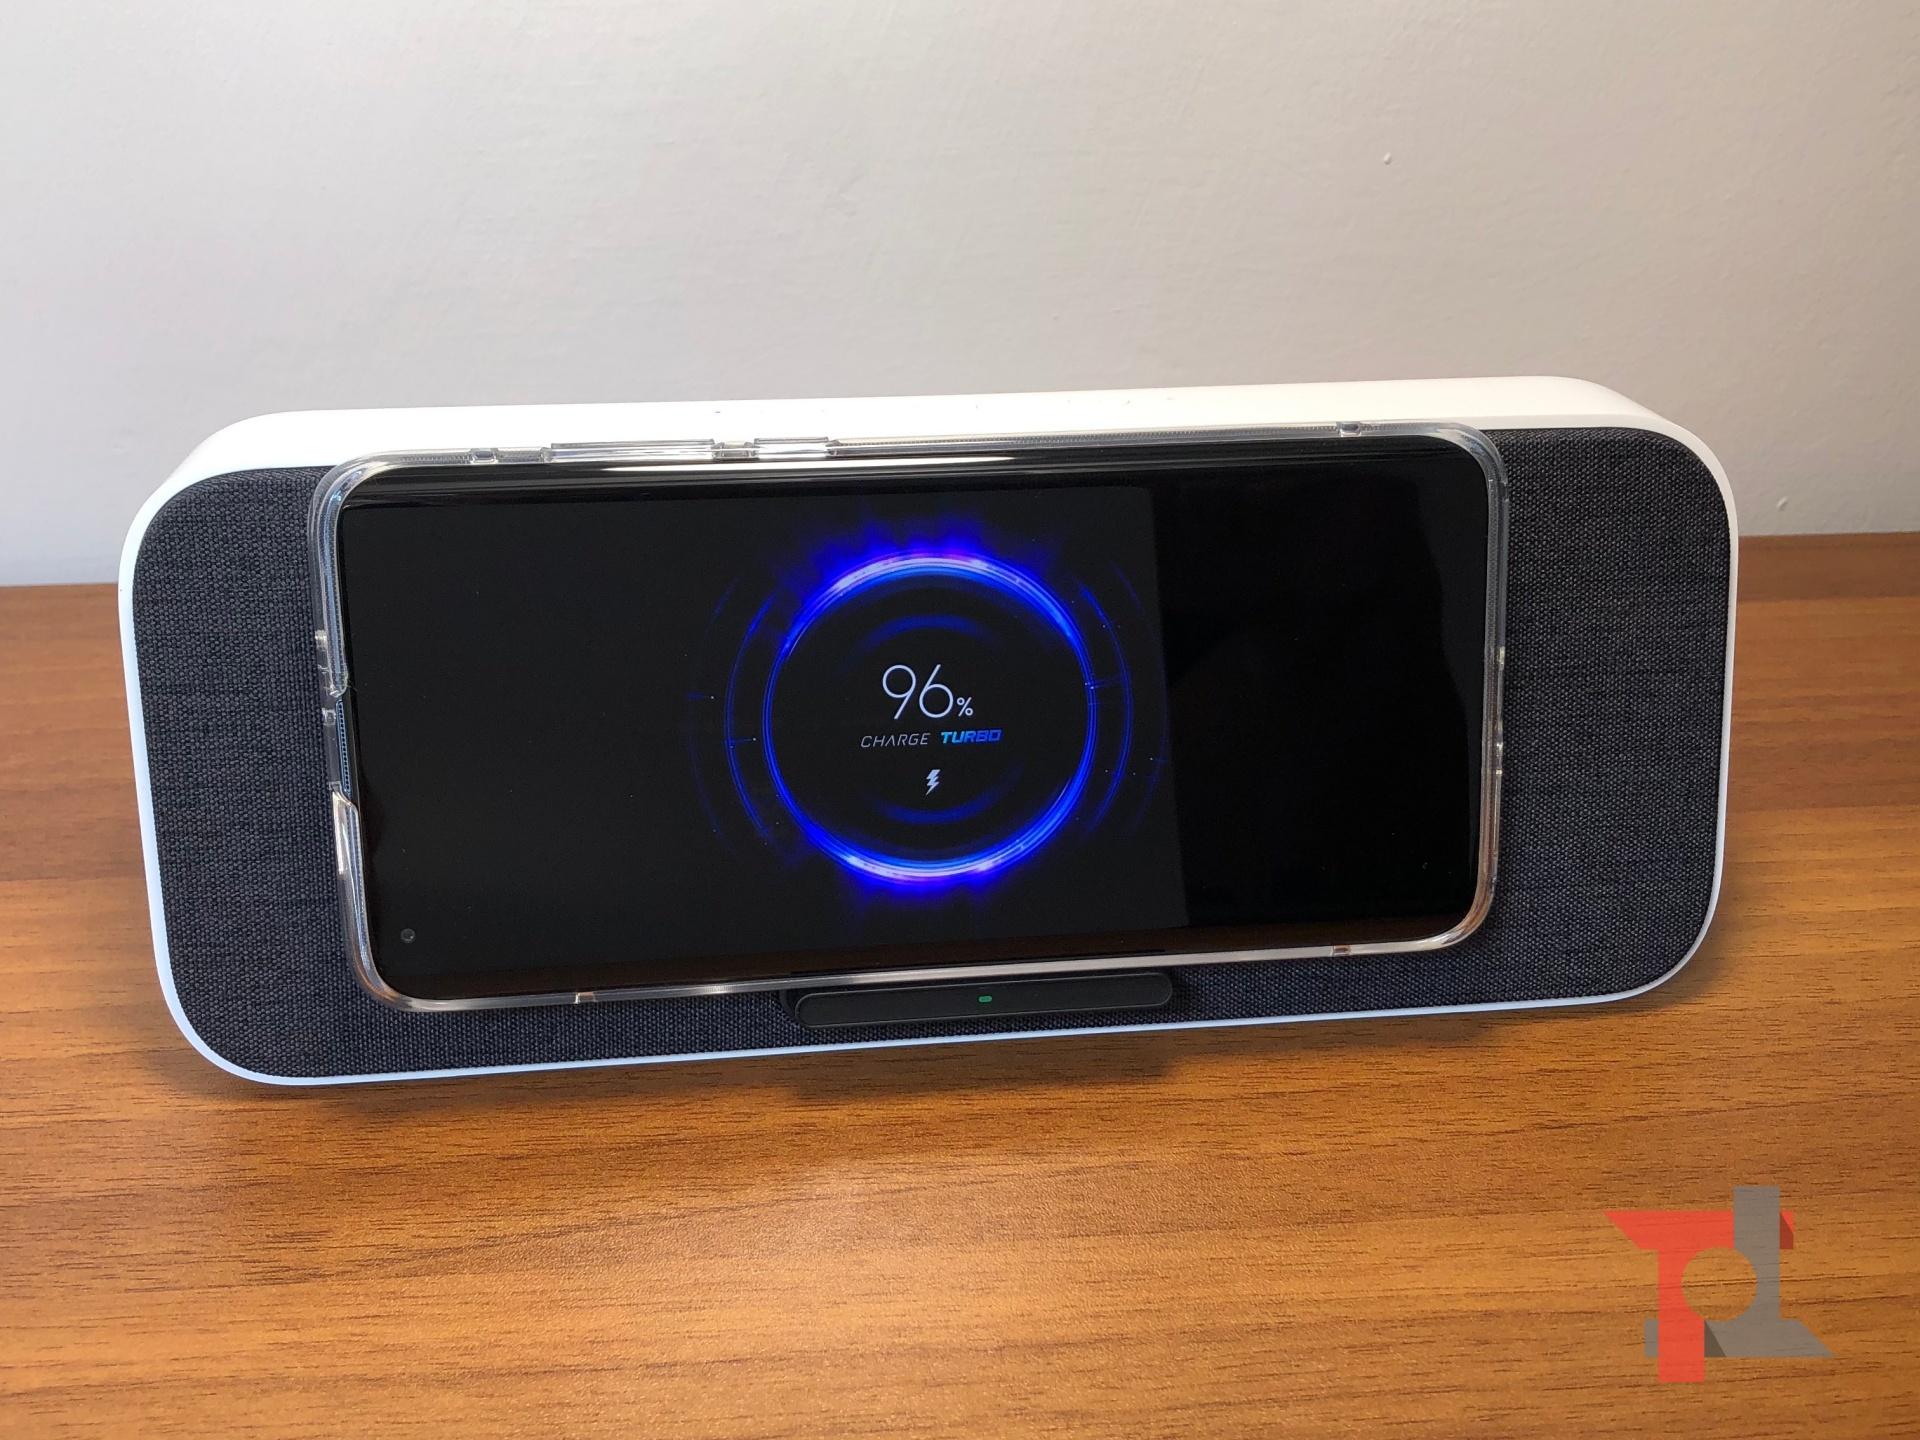 Xiaomi lavora alla ricarica wireless a 67 watt su almeno due smartphone